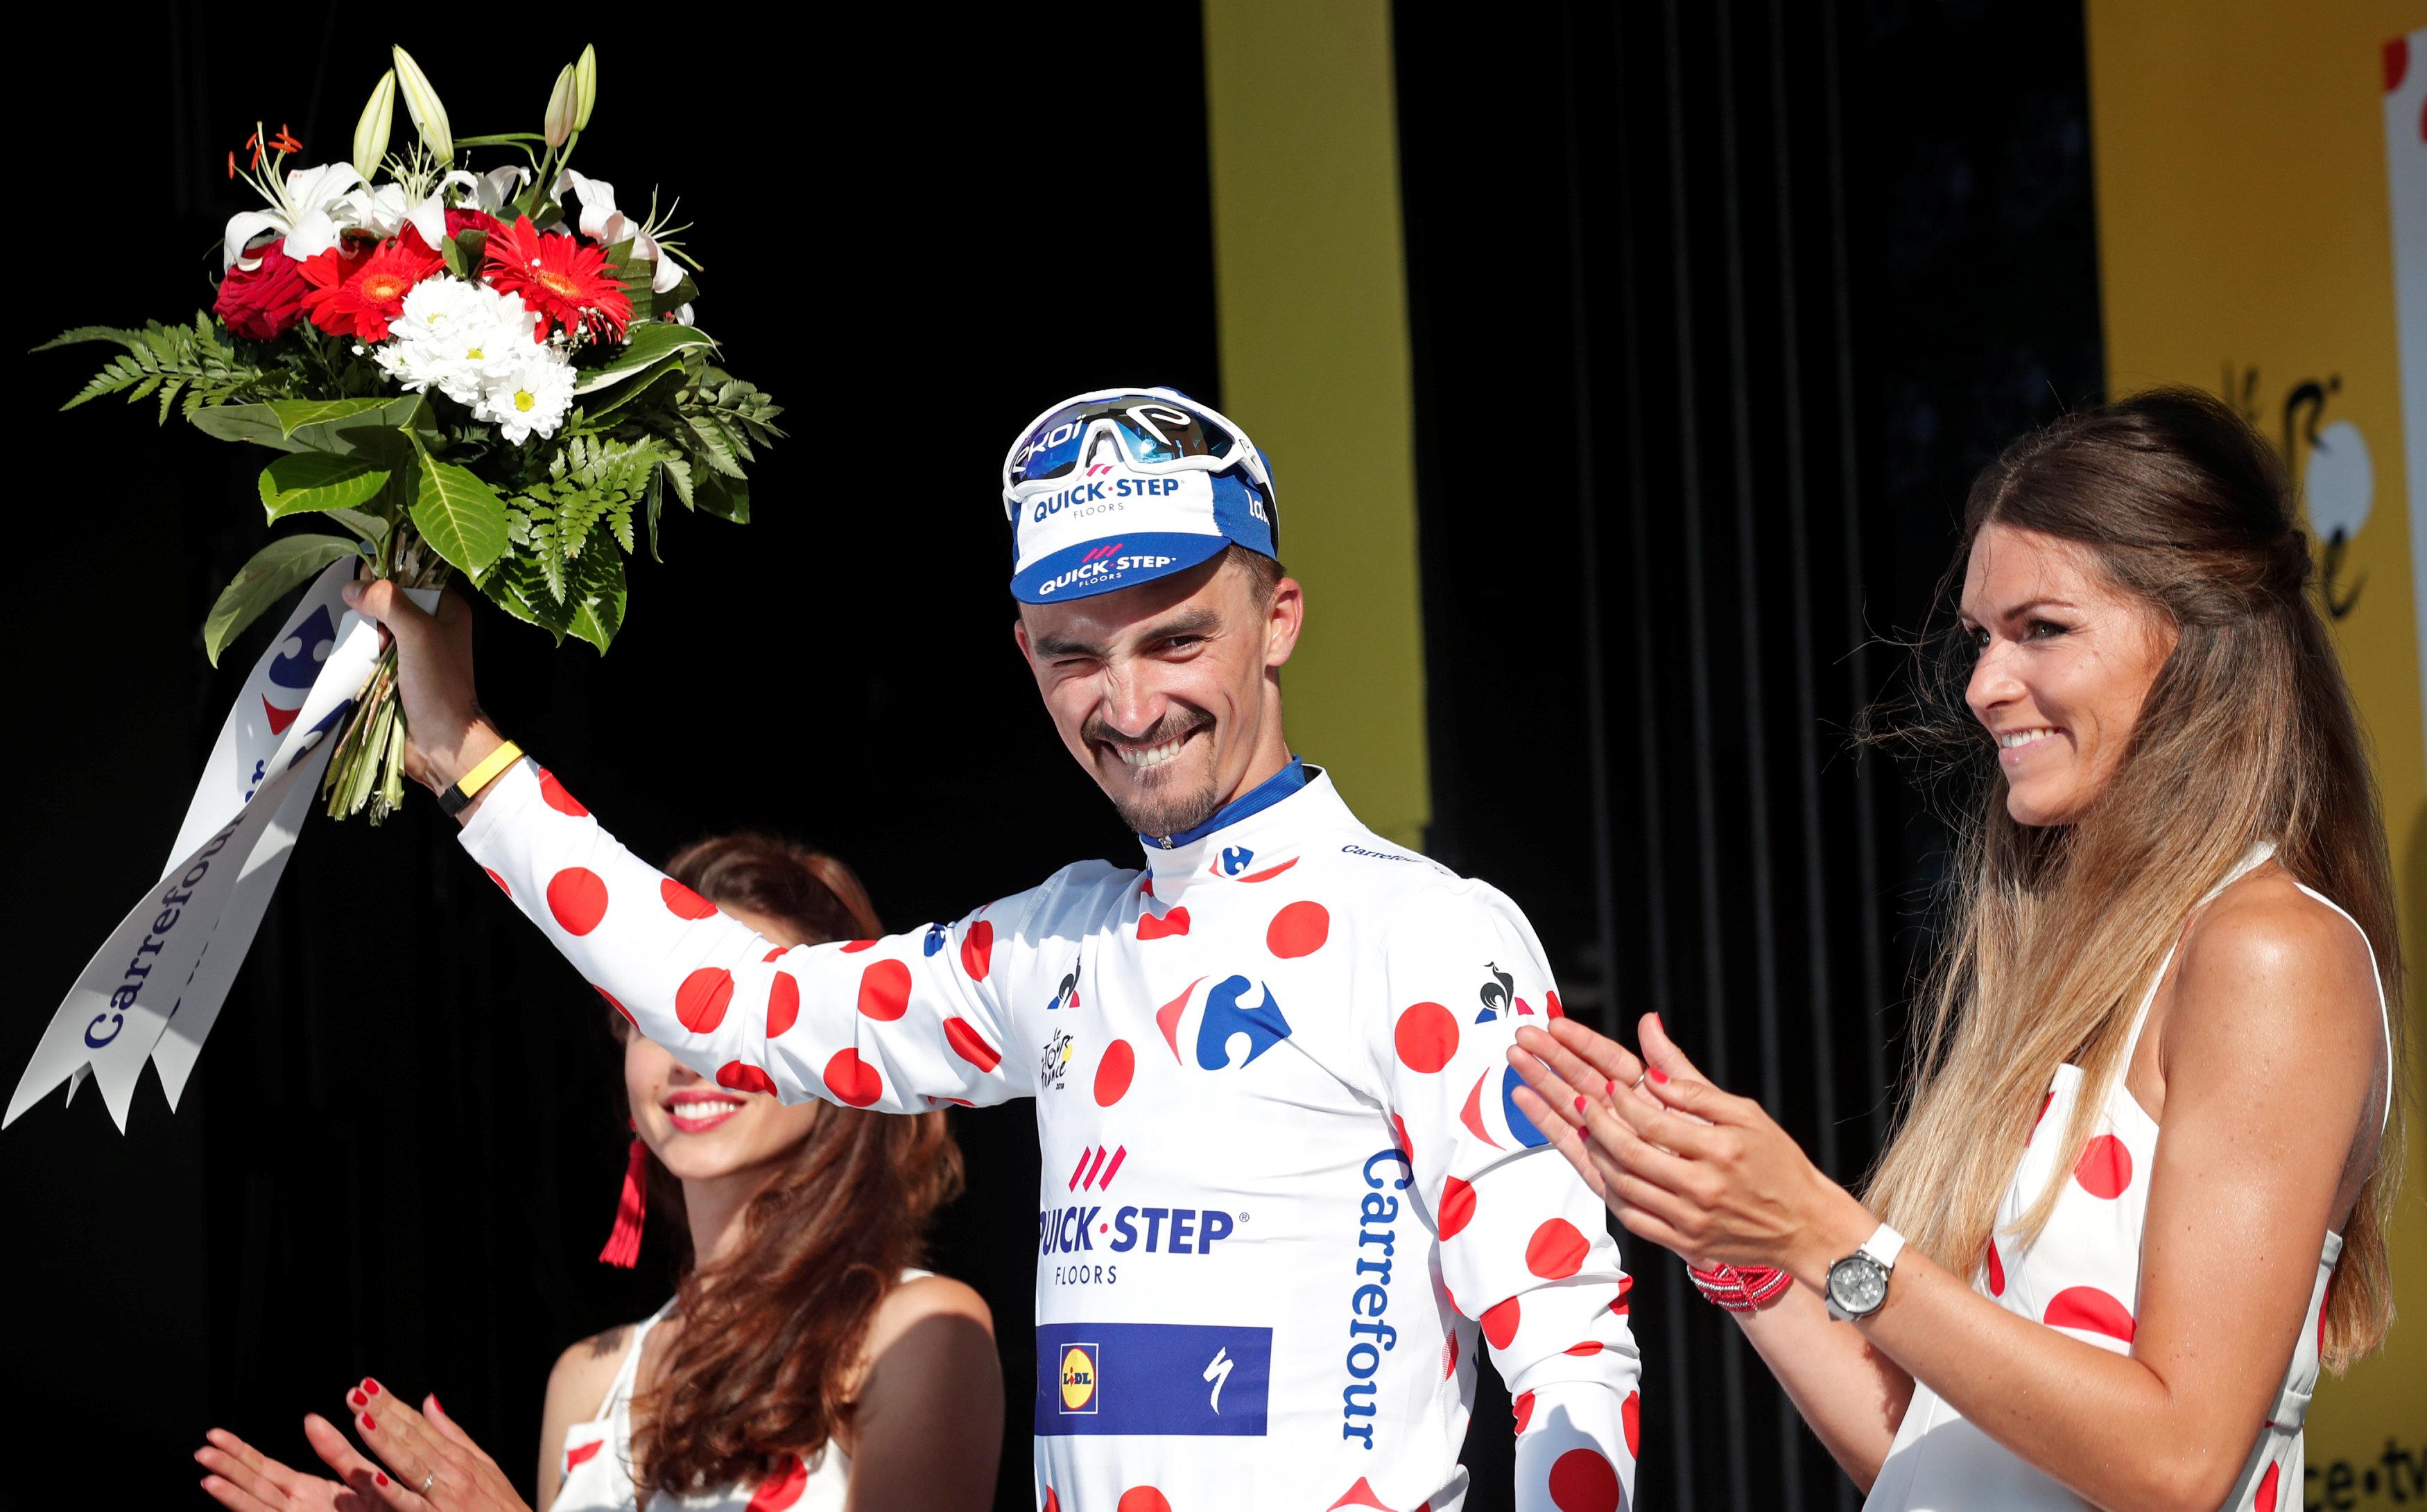 Cyclisme -  Tour de France - Tour de France : Alaphilippe, tout feu tout flamme